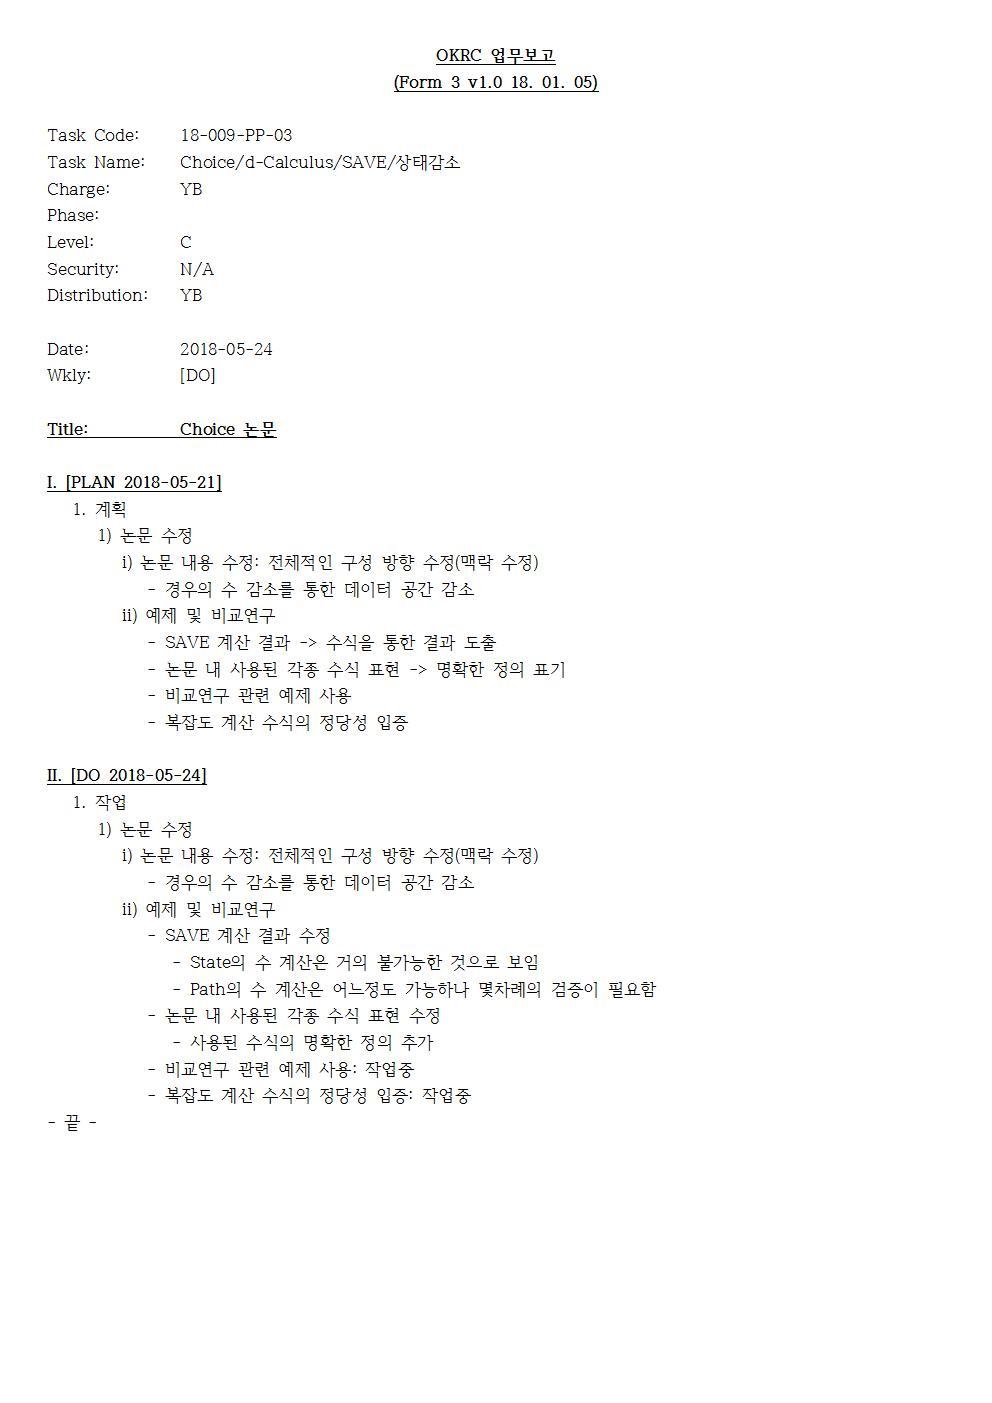 D-[18-009-PP-03]-[Choice]-[2018-05-24][YB]001.jpg